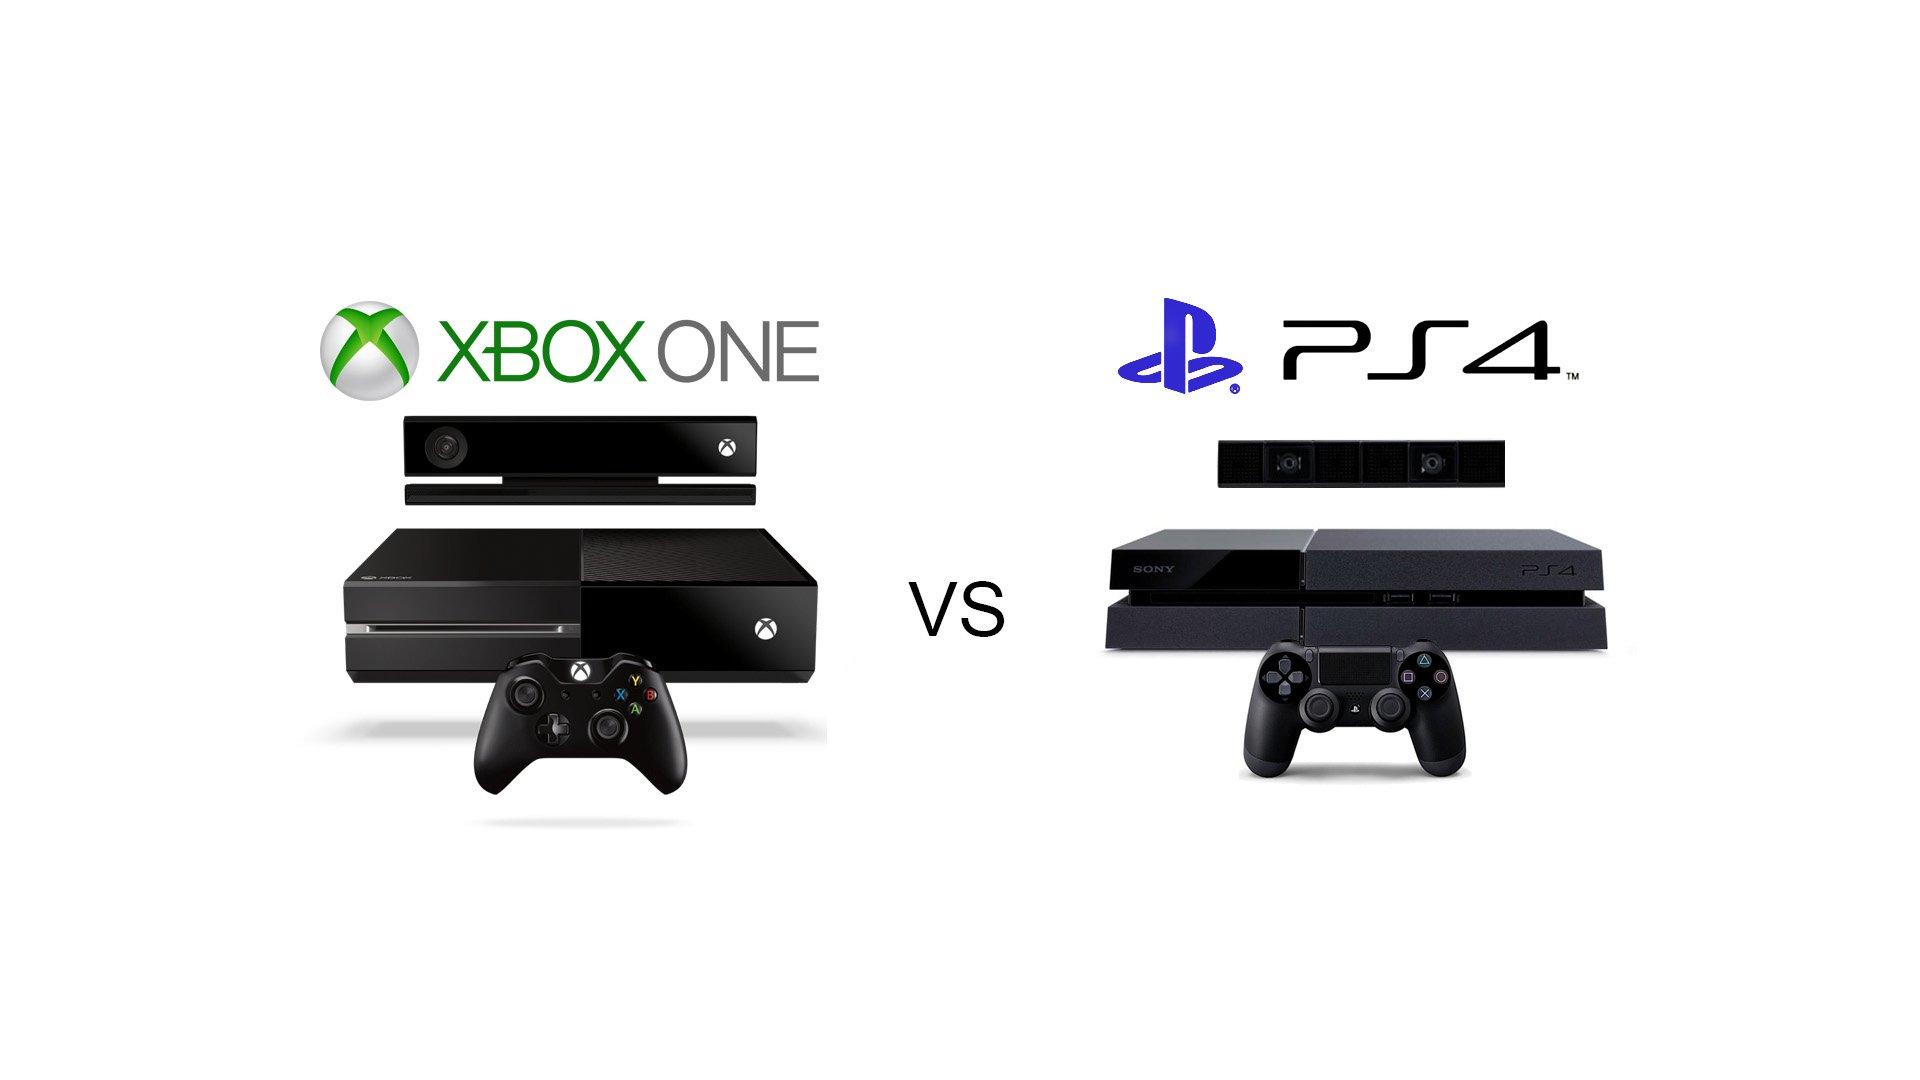 Никто больше не думал, что выбор между PS4 и xbox one это как в Саус Парке выбирали между сендвичем с дерьмом и гига ... - Изображение 2